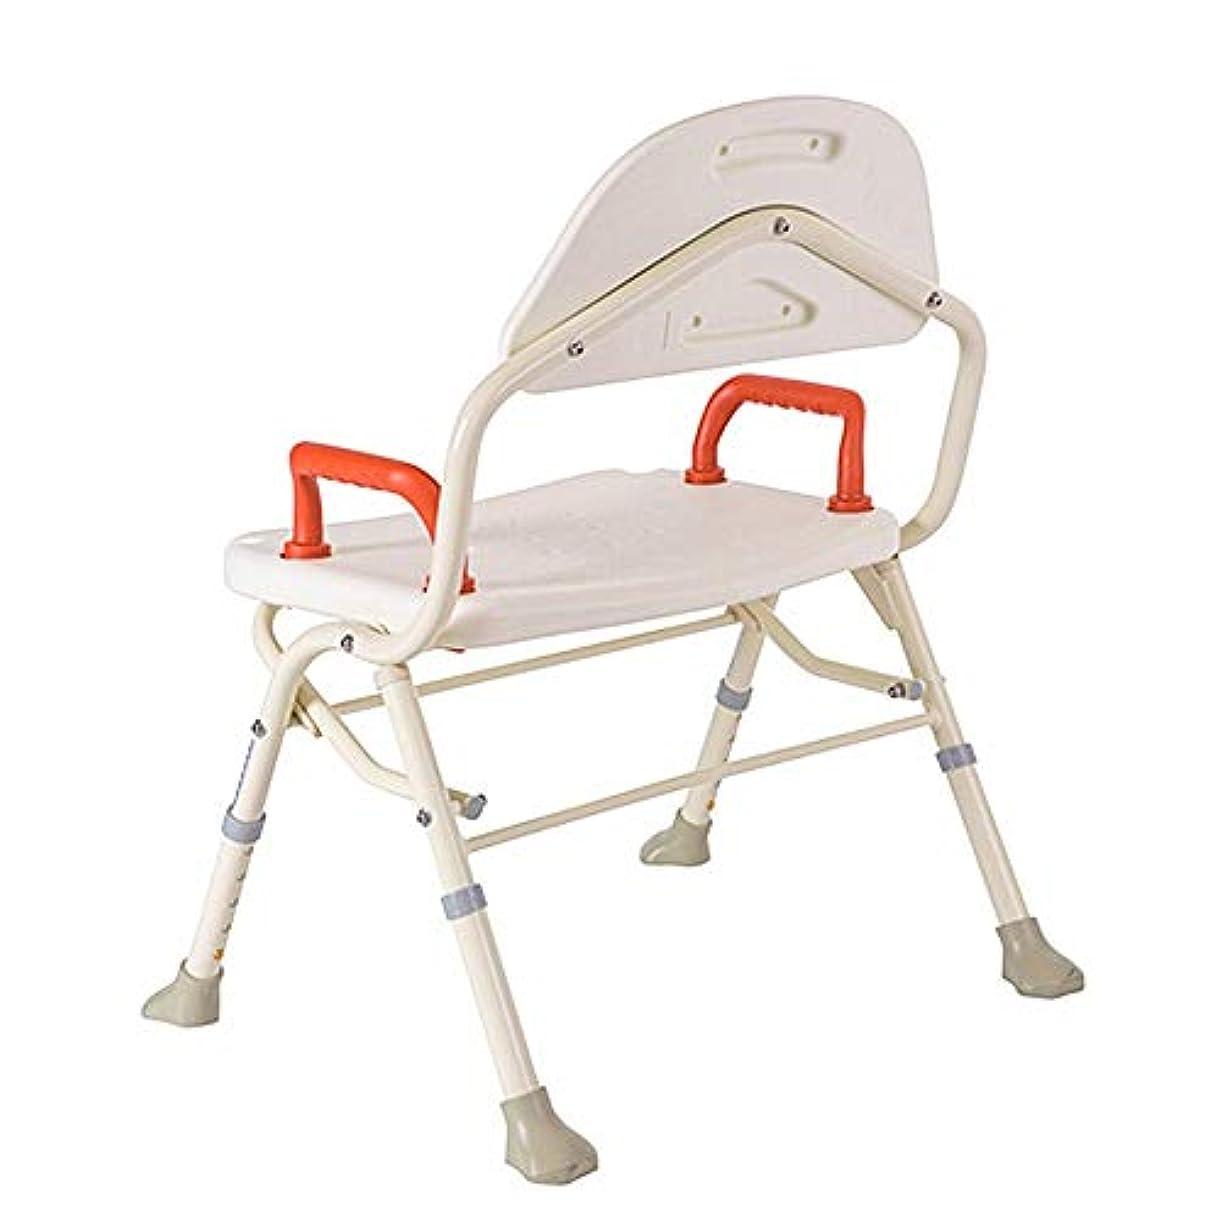 限界クラス安定しました背もたれのあるシャワースツール、調節可能なシャワーシート、アーム付きのバスチェア、高齢者用のパッド入りシート、身体障害者の安定性